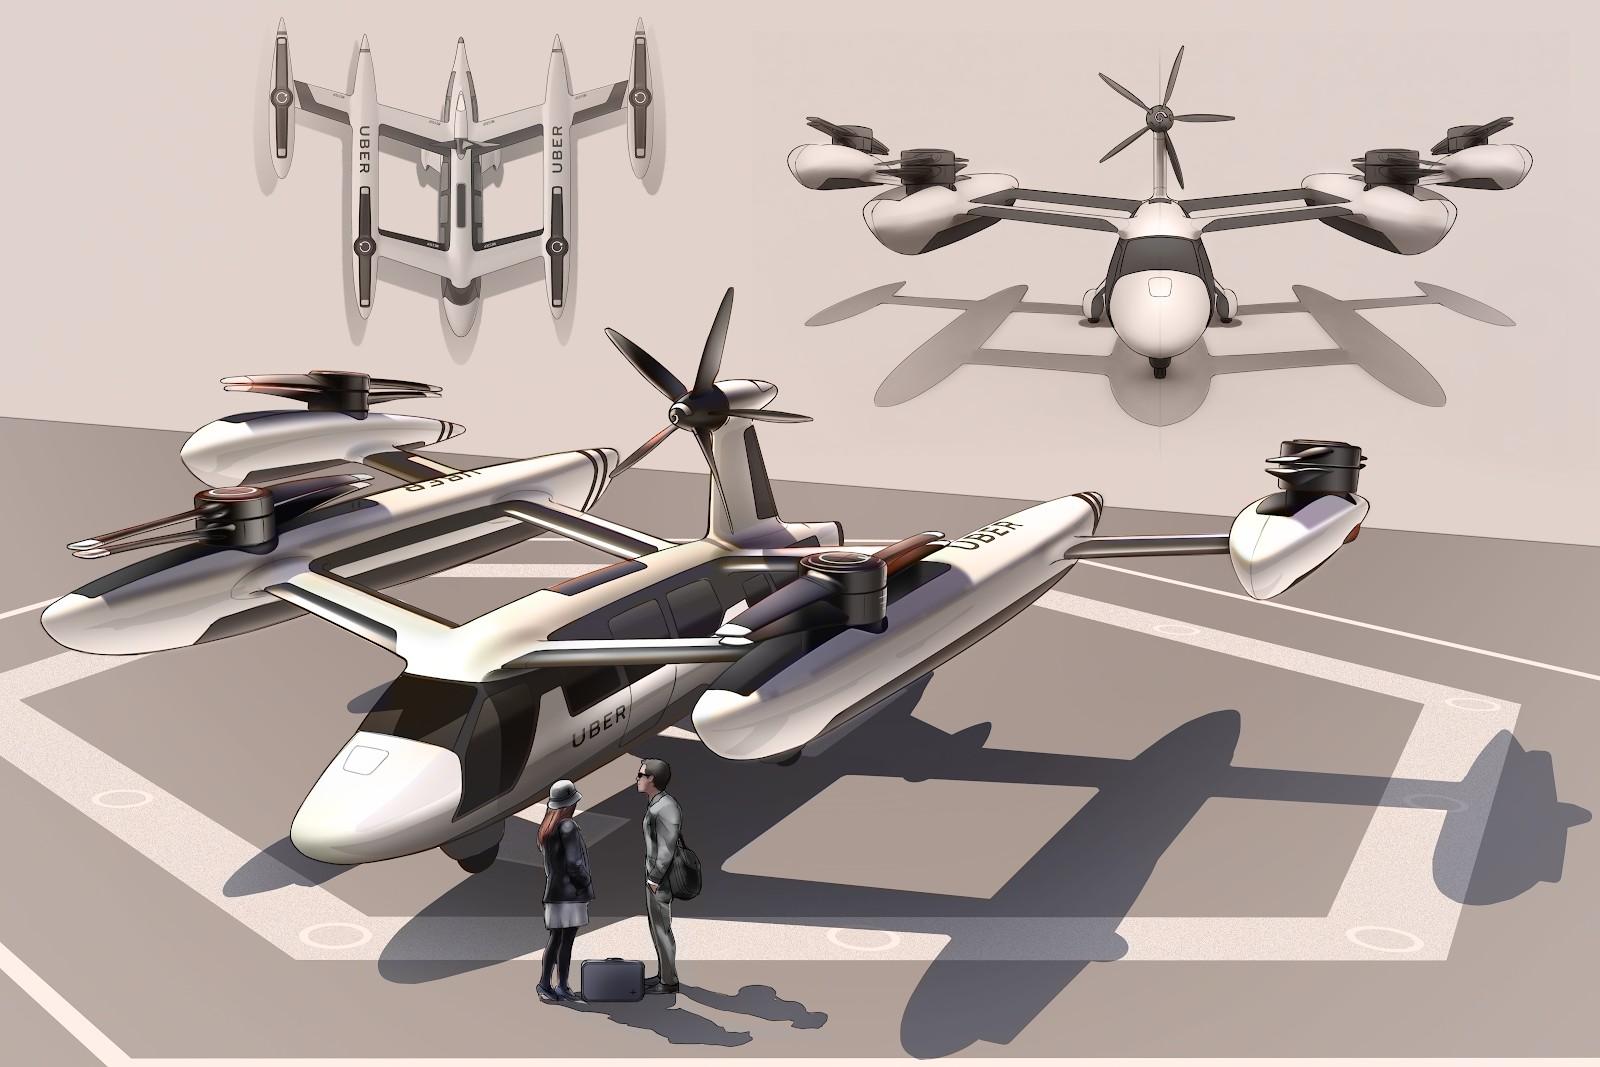 Protótipos dos veículos aéreos da Uber (Foto: Divulgação)